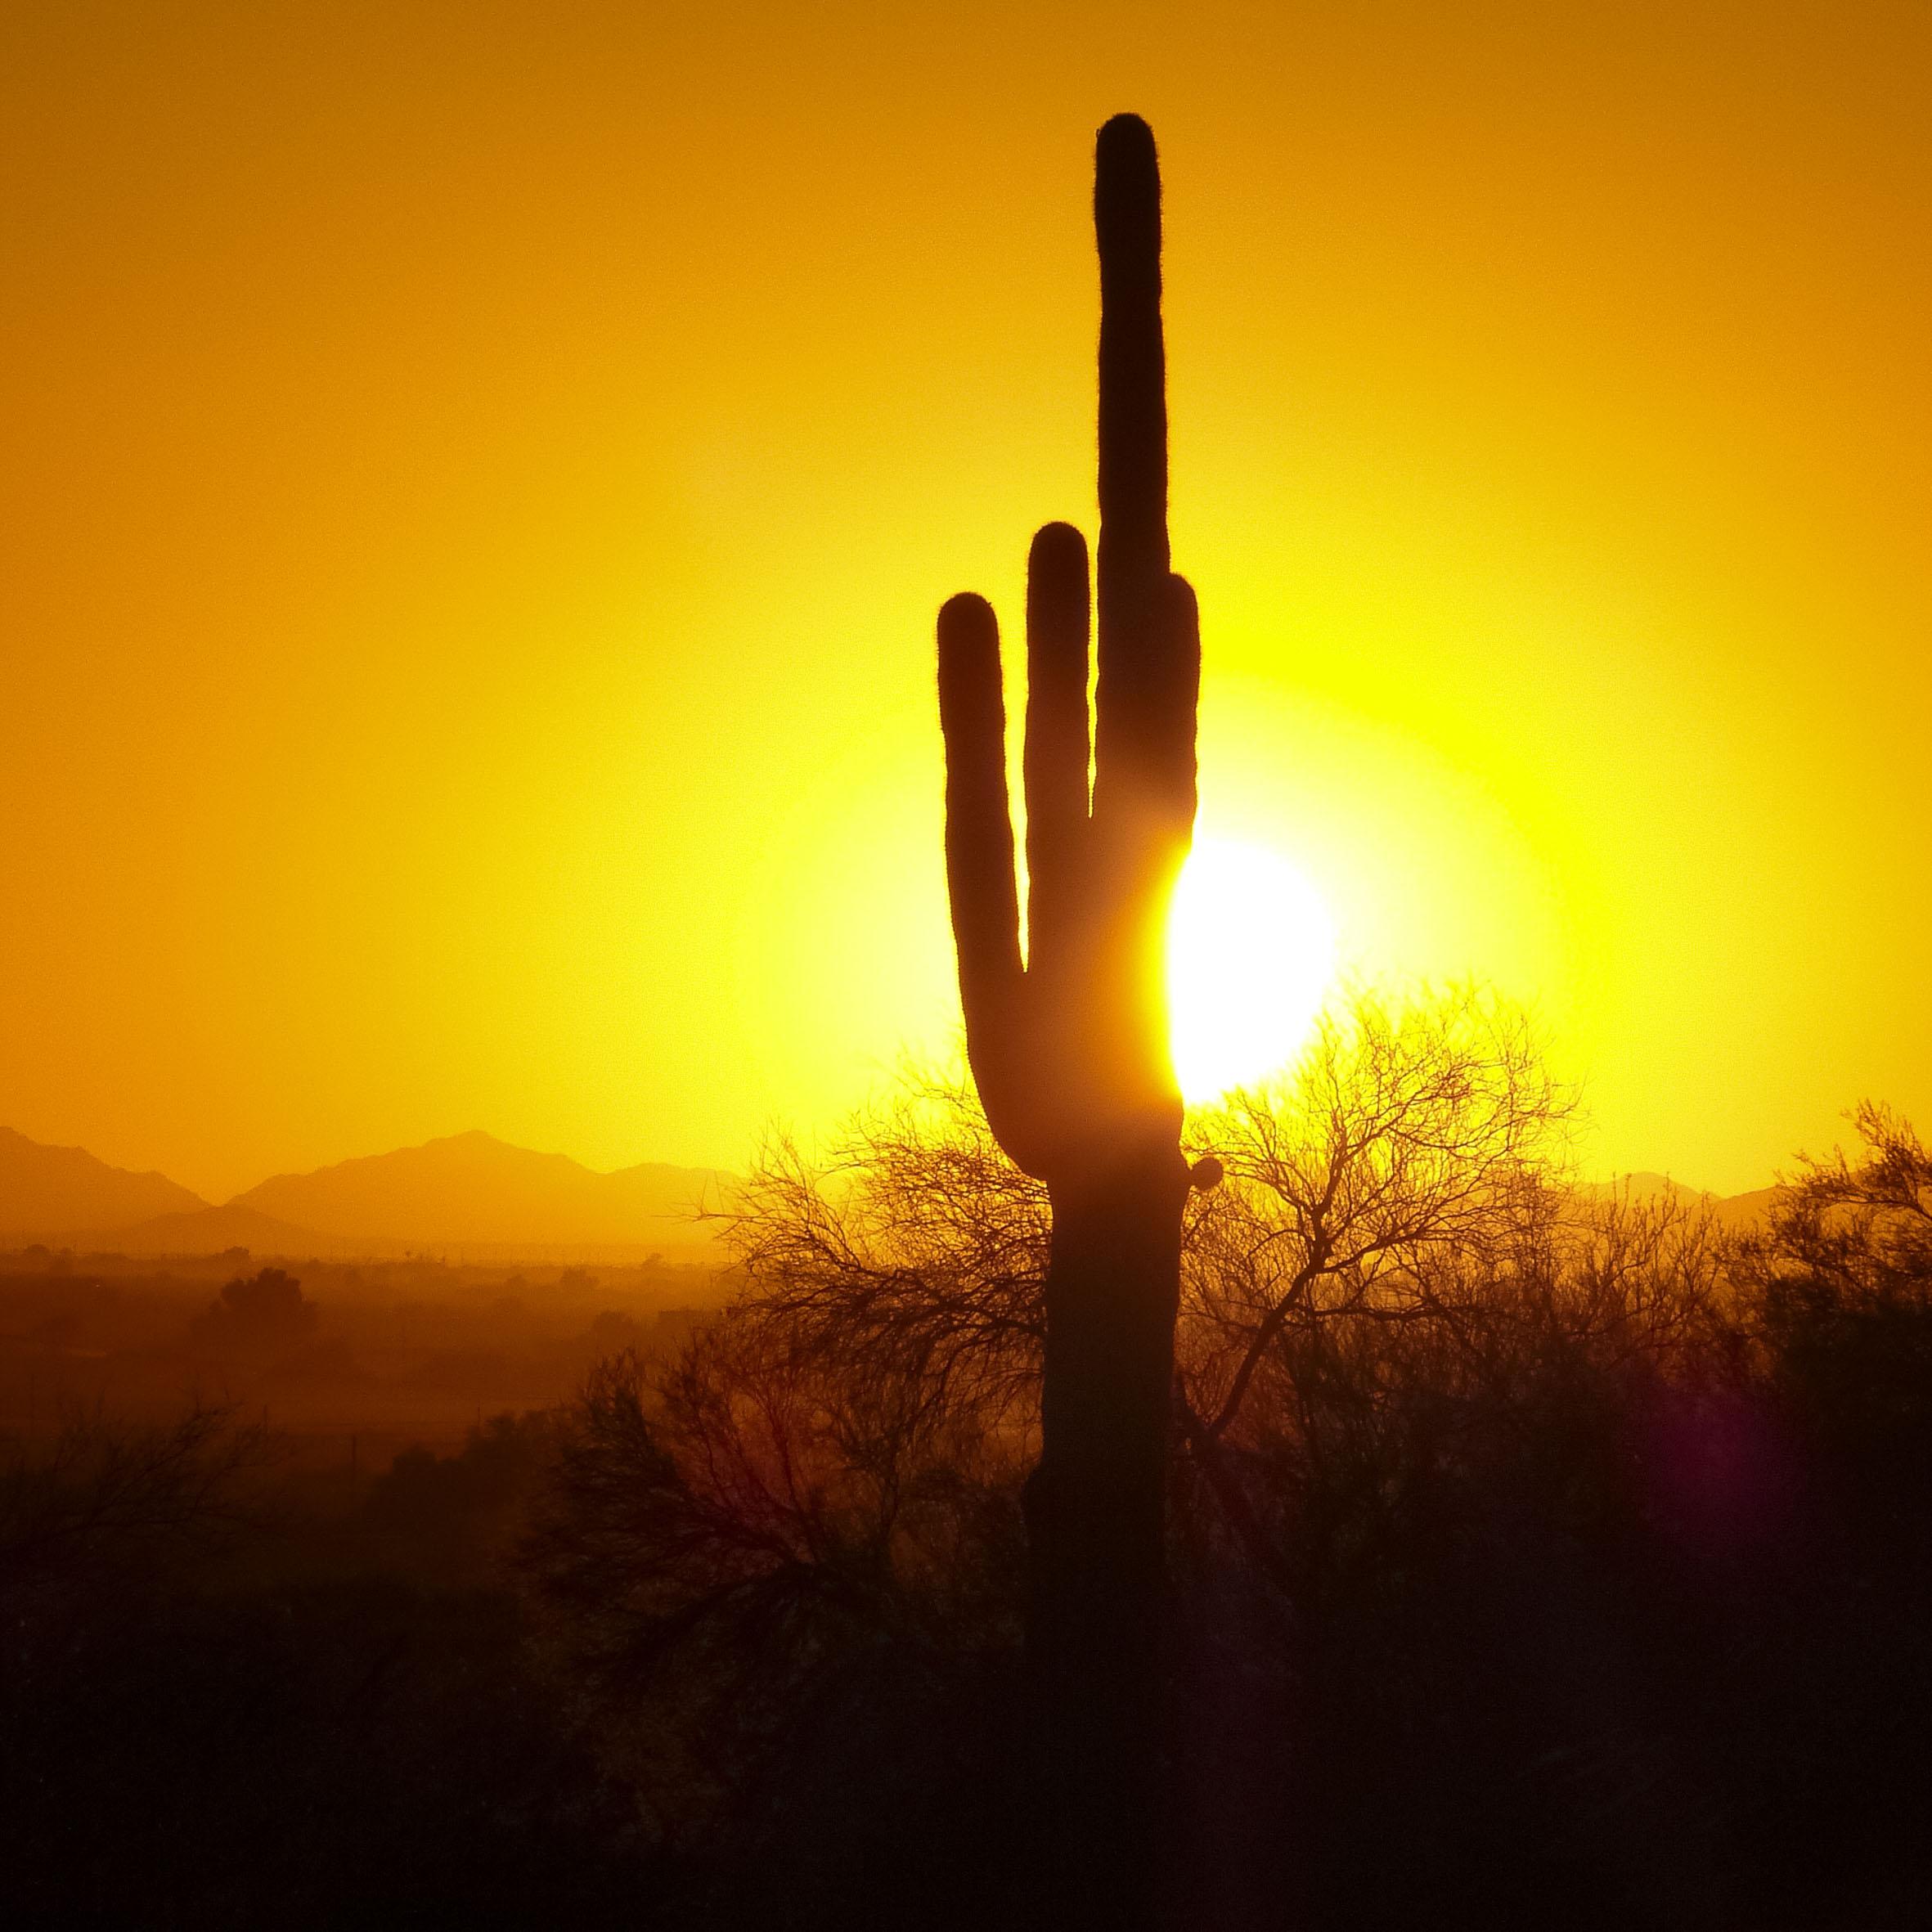 K19_091_Arizona_1